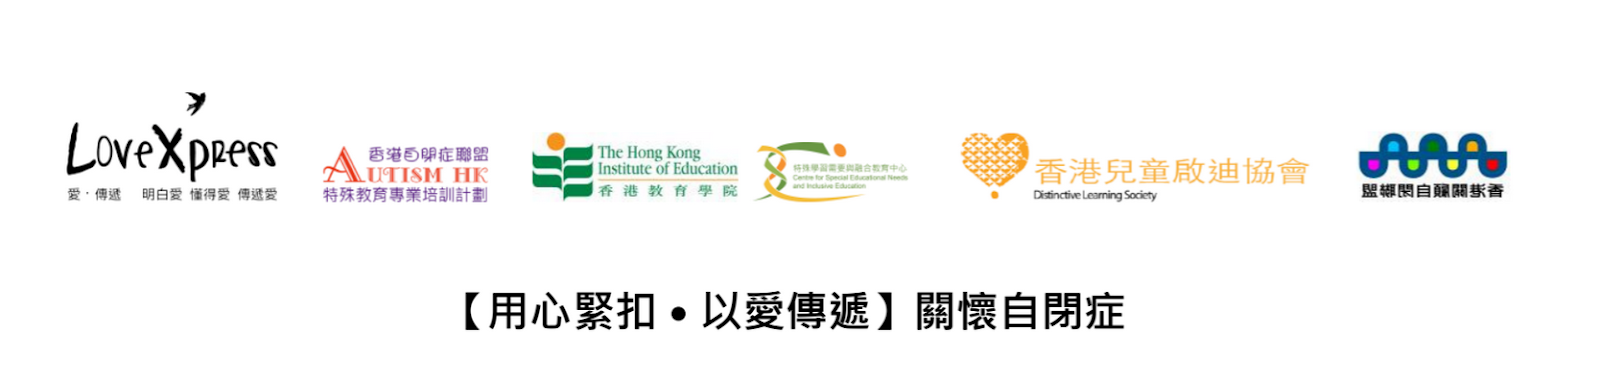 愛・傳遞、香港自閉症聯盟、香港教育學院特殊學習需要與融合教育中心、香港兒童啓迪協會及自閉症兒童基金協會等多個團體,合辦社區教育活動